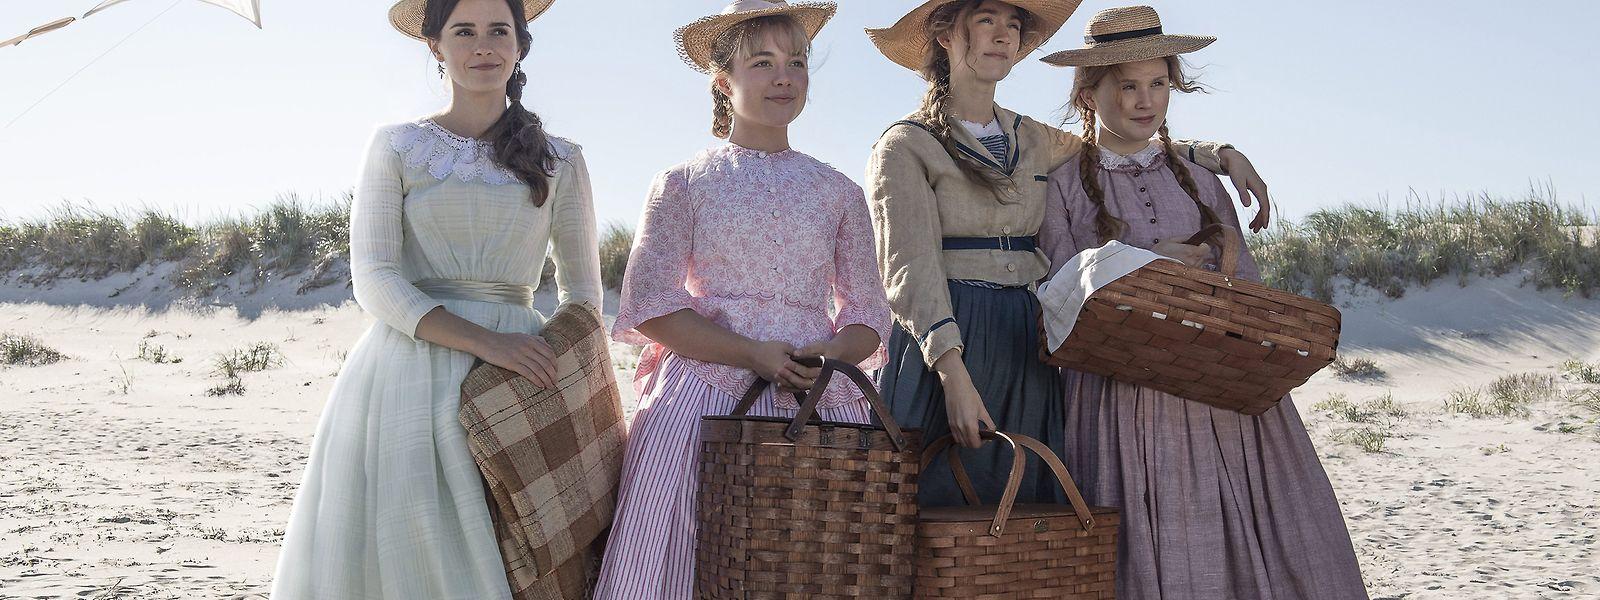 Greta Gerwig erzählt die Geschichte der Schwestern Meg (Emma Watson), Amy (Florence Pugh), Jo (Saoirse Ronan) und Beth March (Eliza Scanlen) (v.l.n.r.), die Mitte des 19. Jahrhunderts ihren Platz in der Gesellschaft zu finden versuchen.